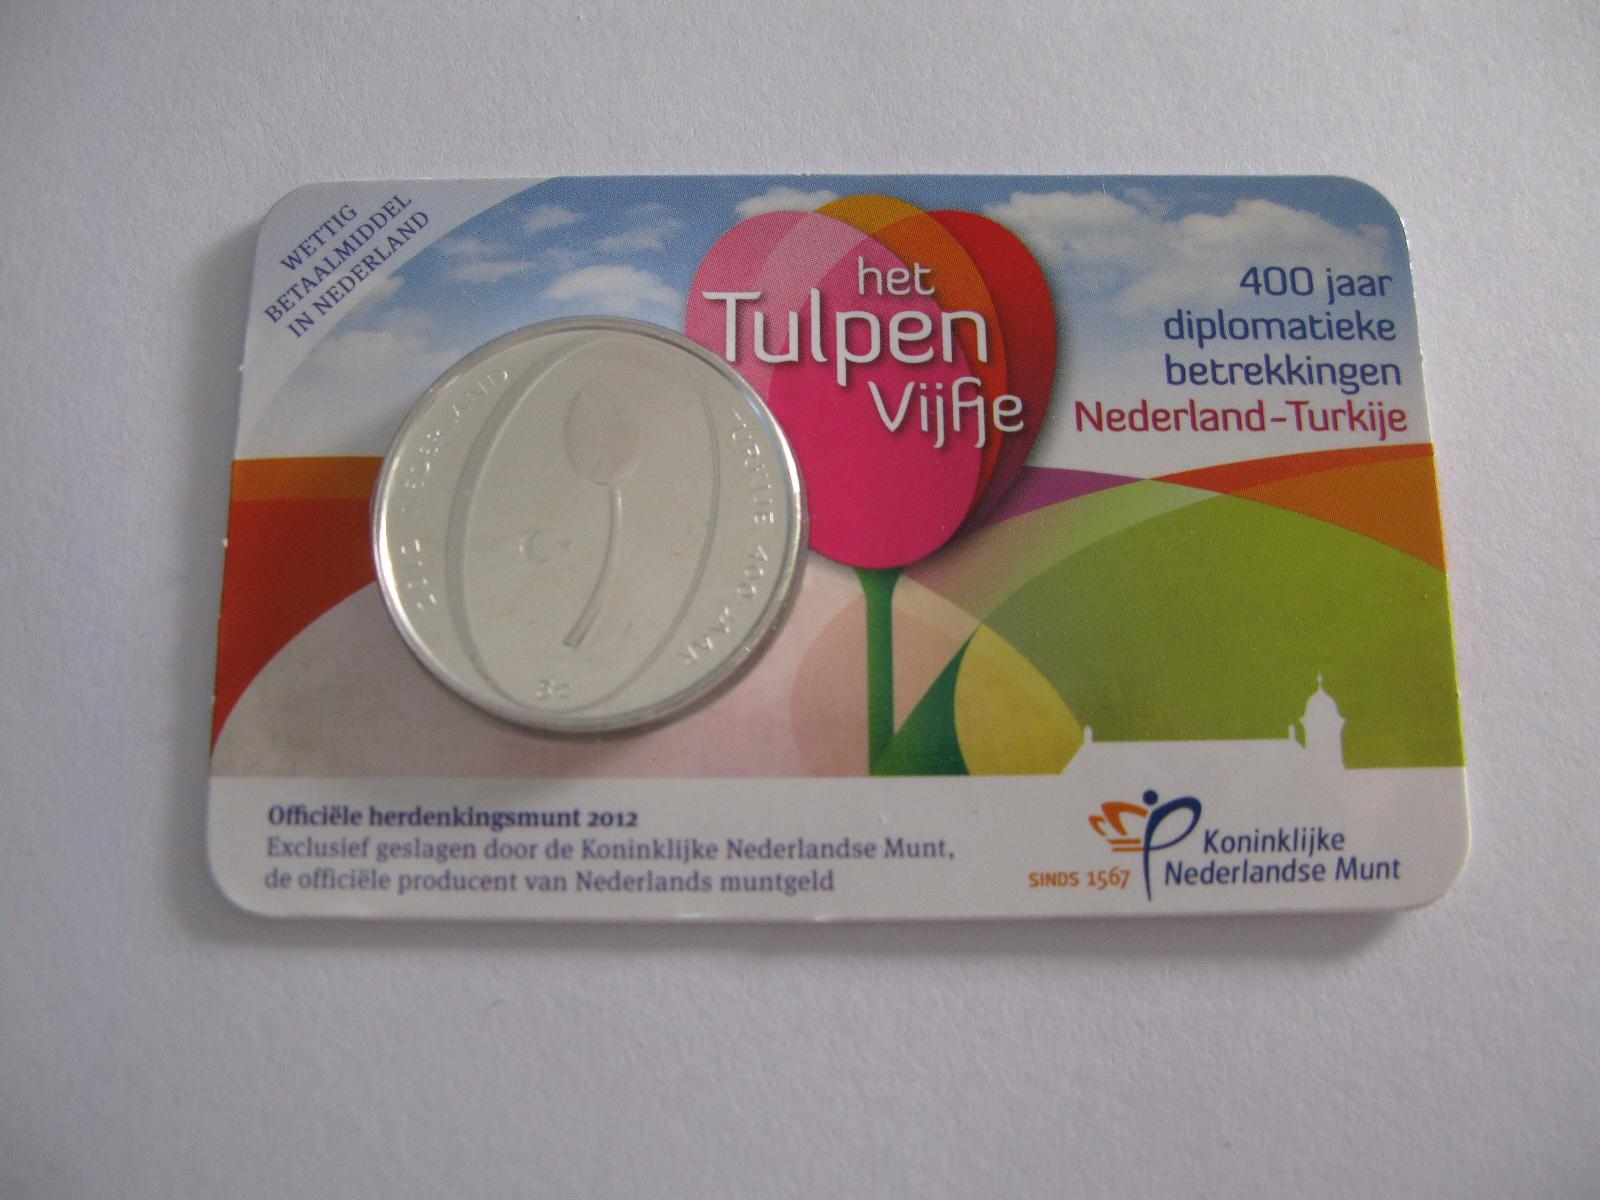 Нидерланды 5 евро 2012 г. 400 лет дипломатических отношений между Нидерландами и Турцией